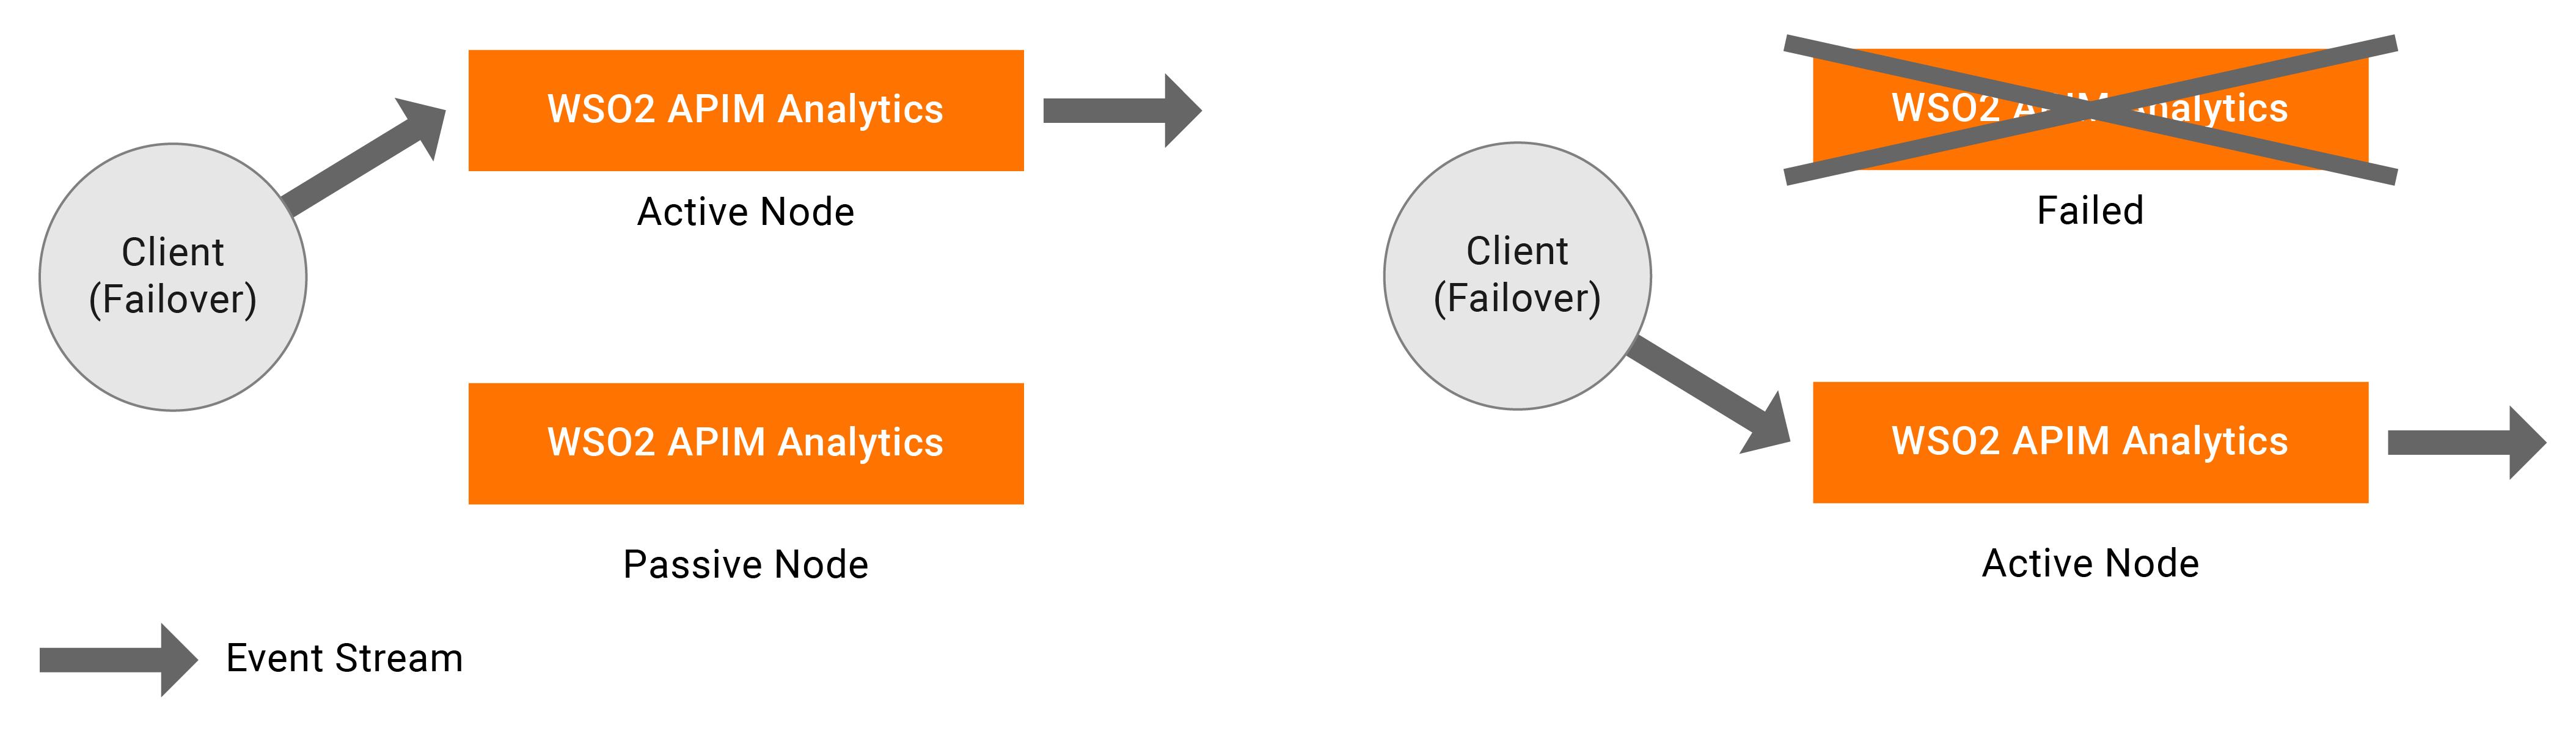 API-M Analytics active-passive deployment